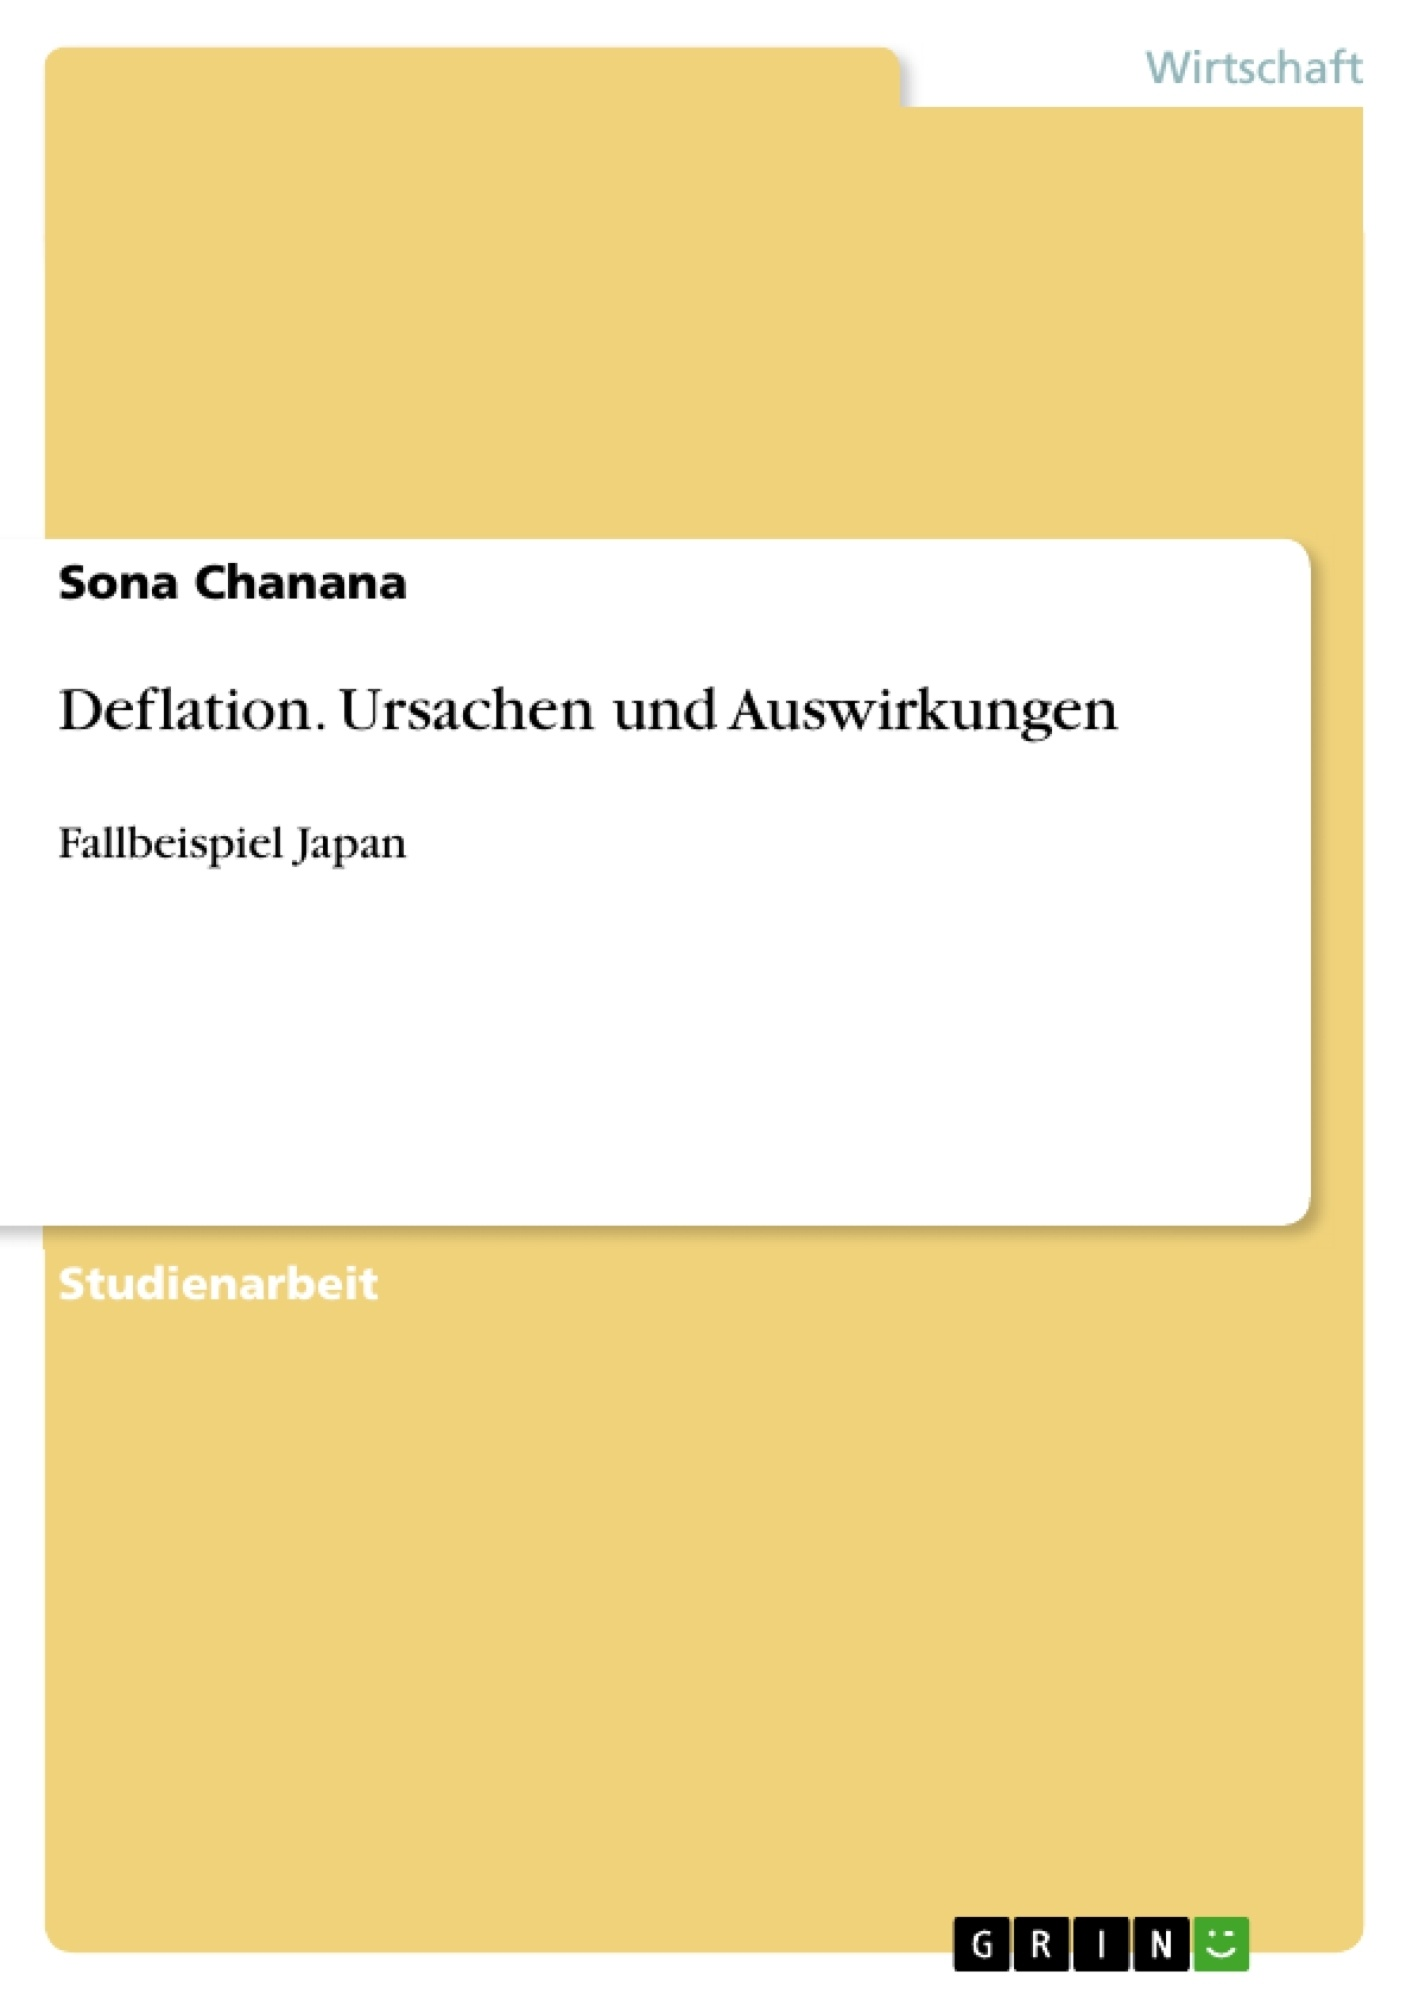 Titel: Deflation. Ursachen und Auswirkungen